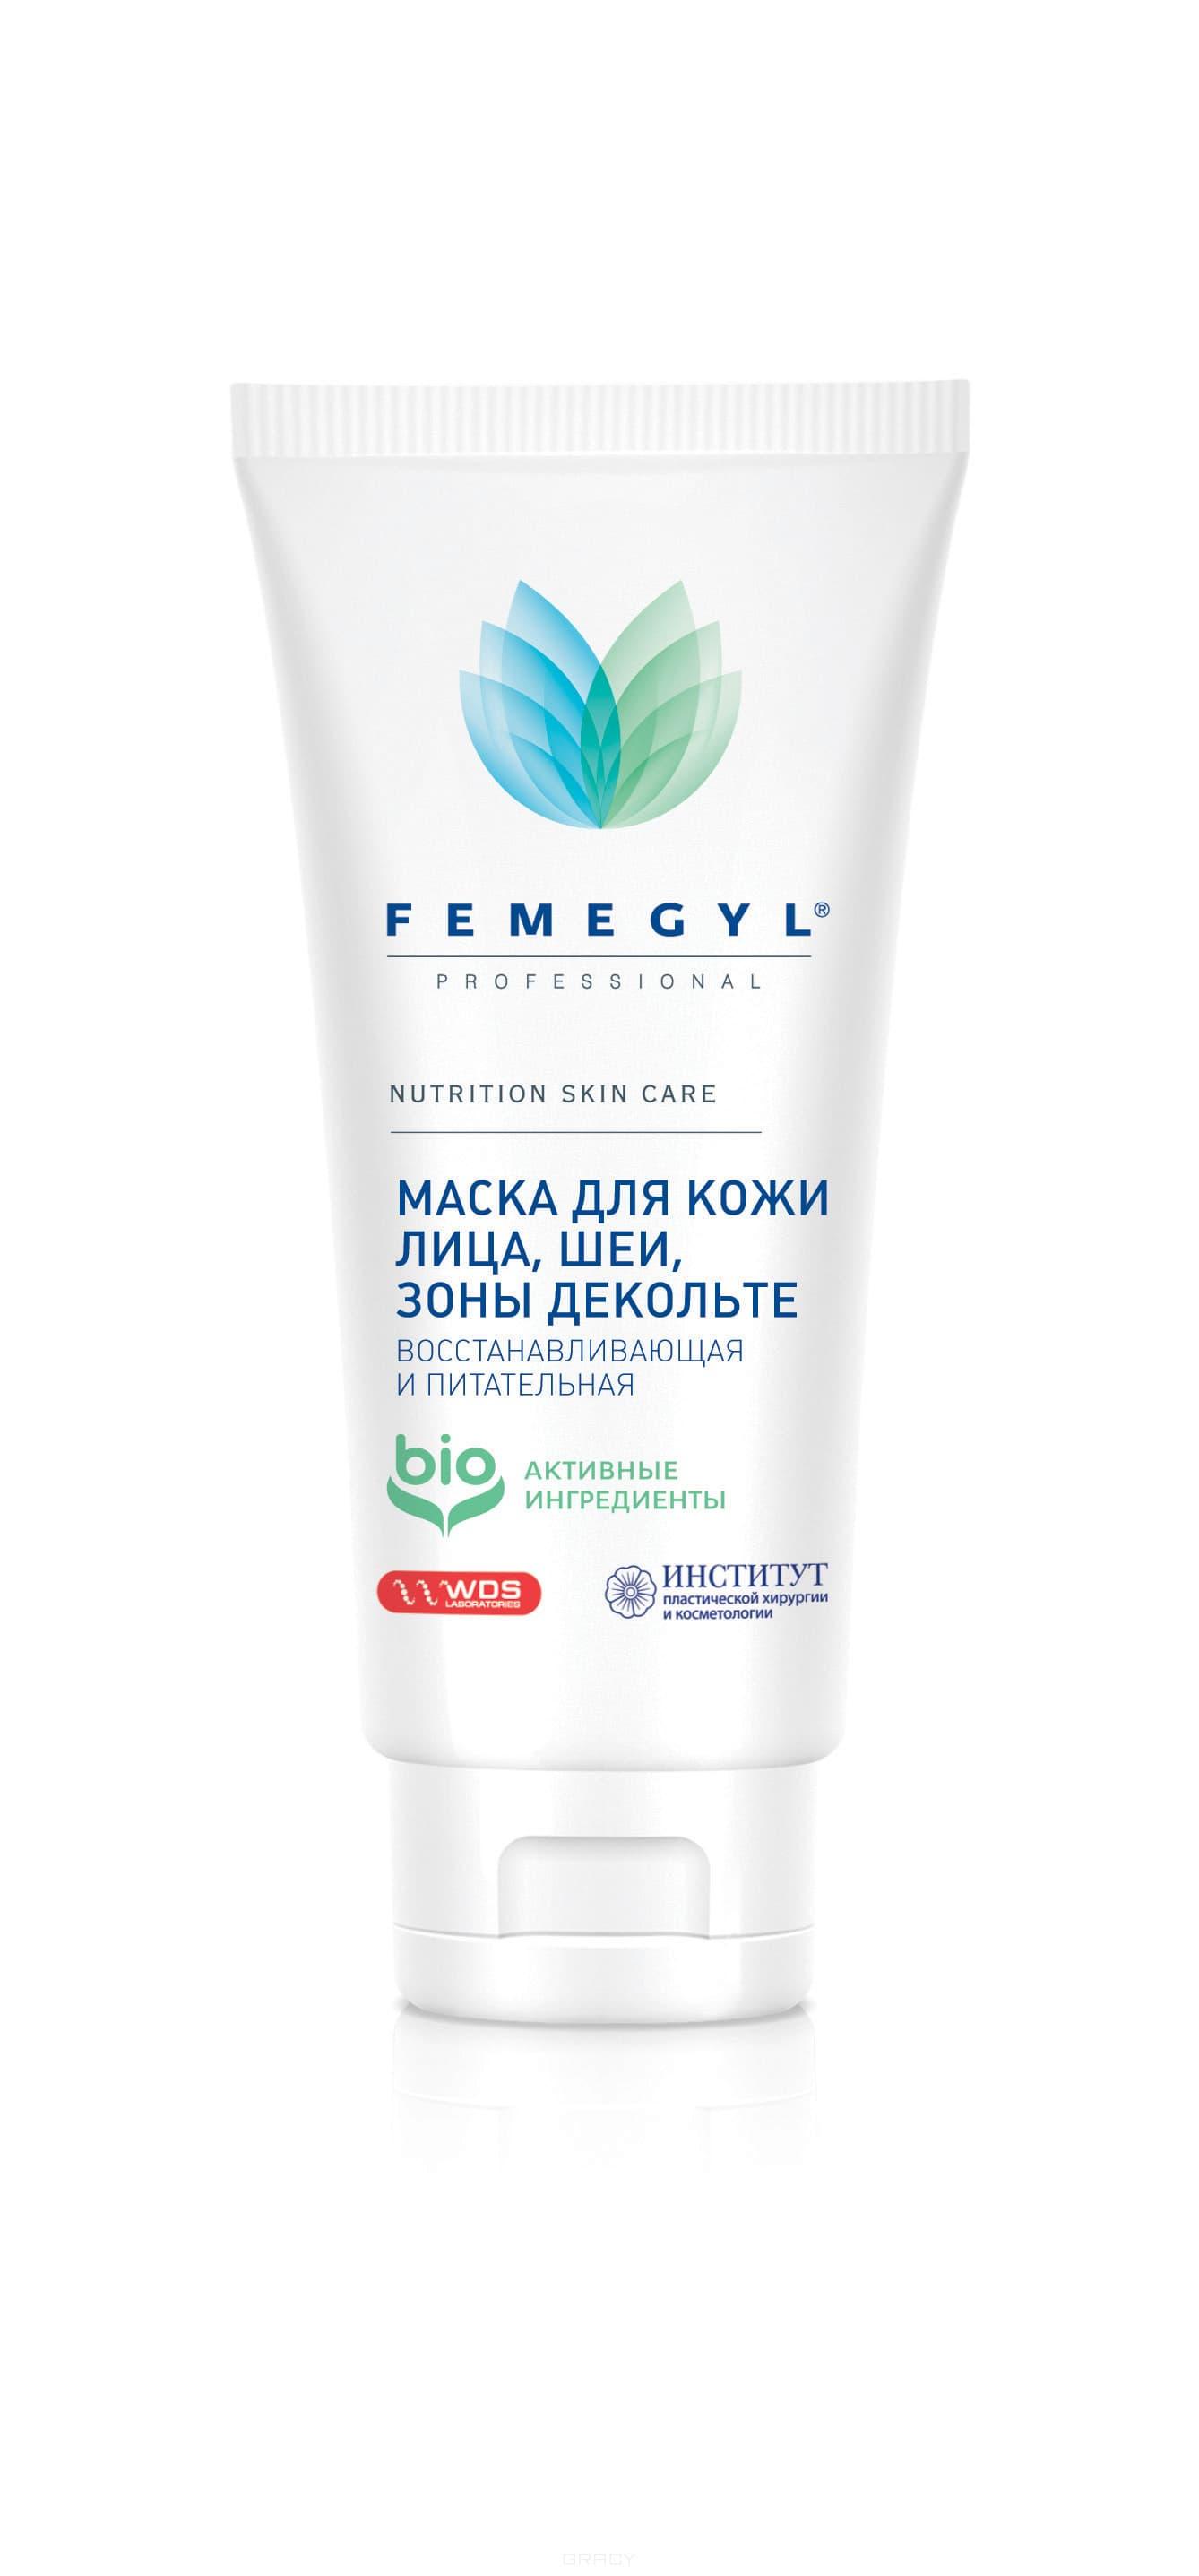 Femegyl Маска для лица, шеи и зоны декольте Восстанавливающая и Питательная, 100 мл крем herbolive для лица шеи и зоны декольте 50 мл